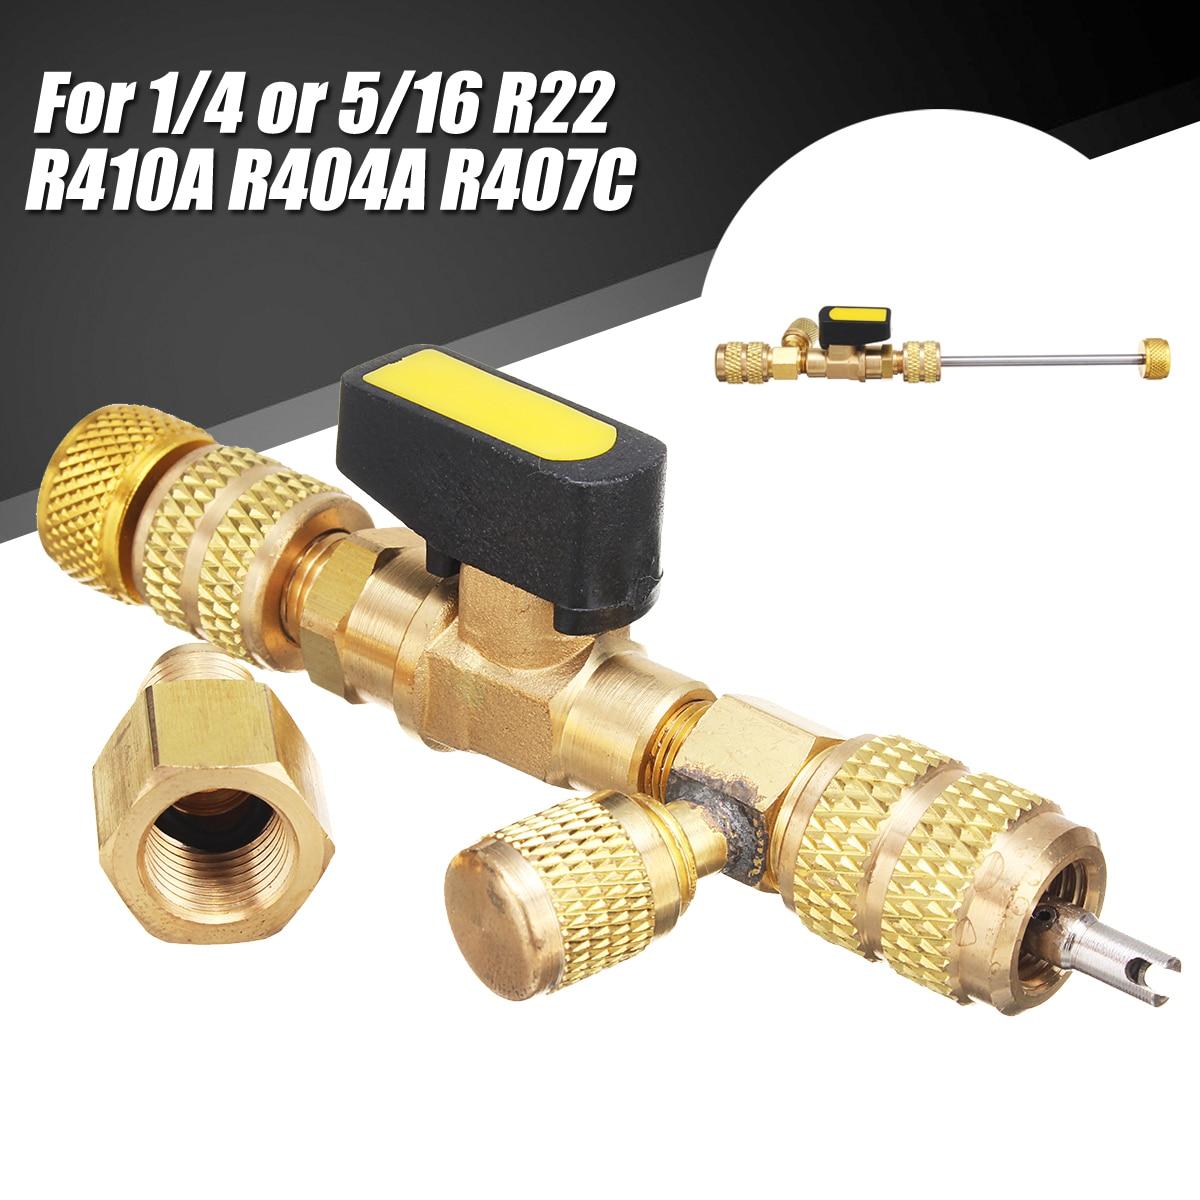 Doersupp Ventil Core Schnell Entferner Port Schalter Installer Tool Für 1/4